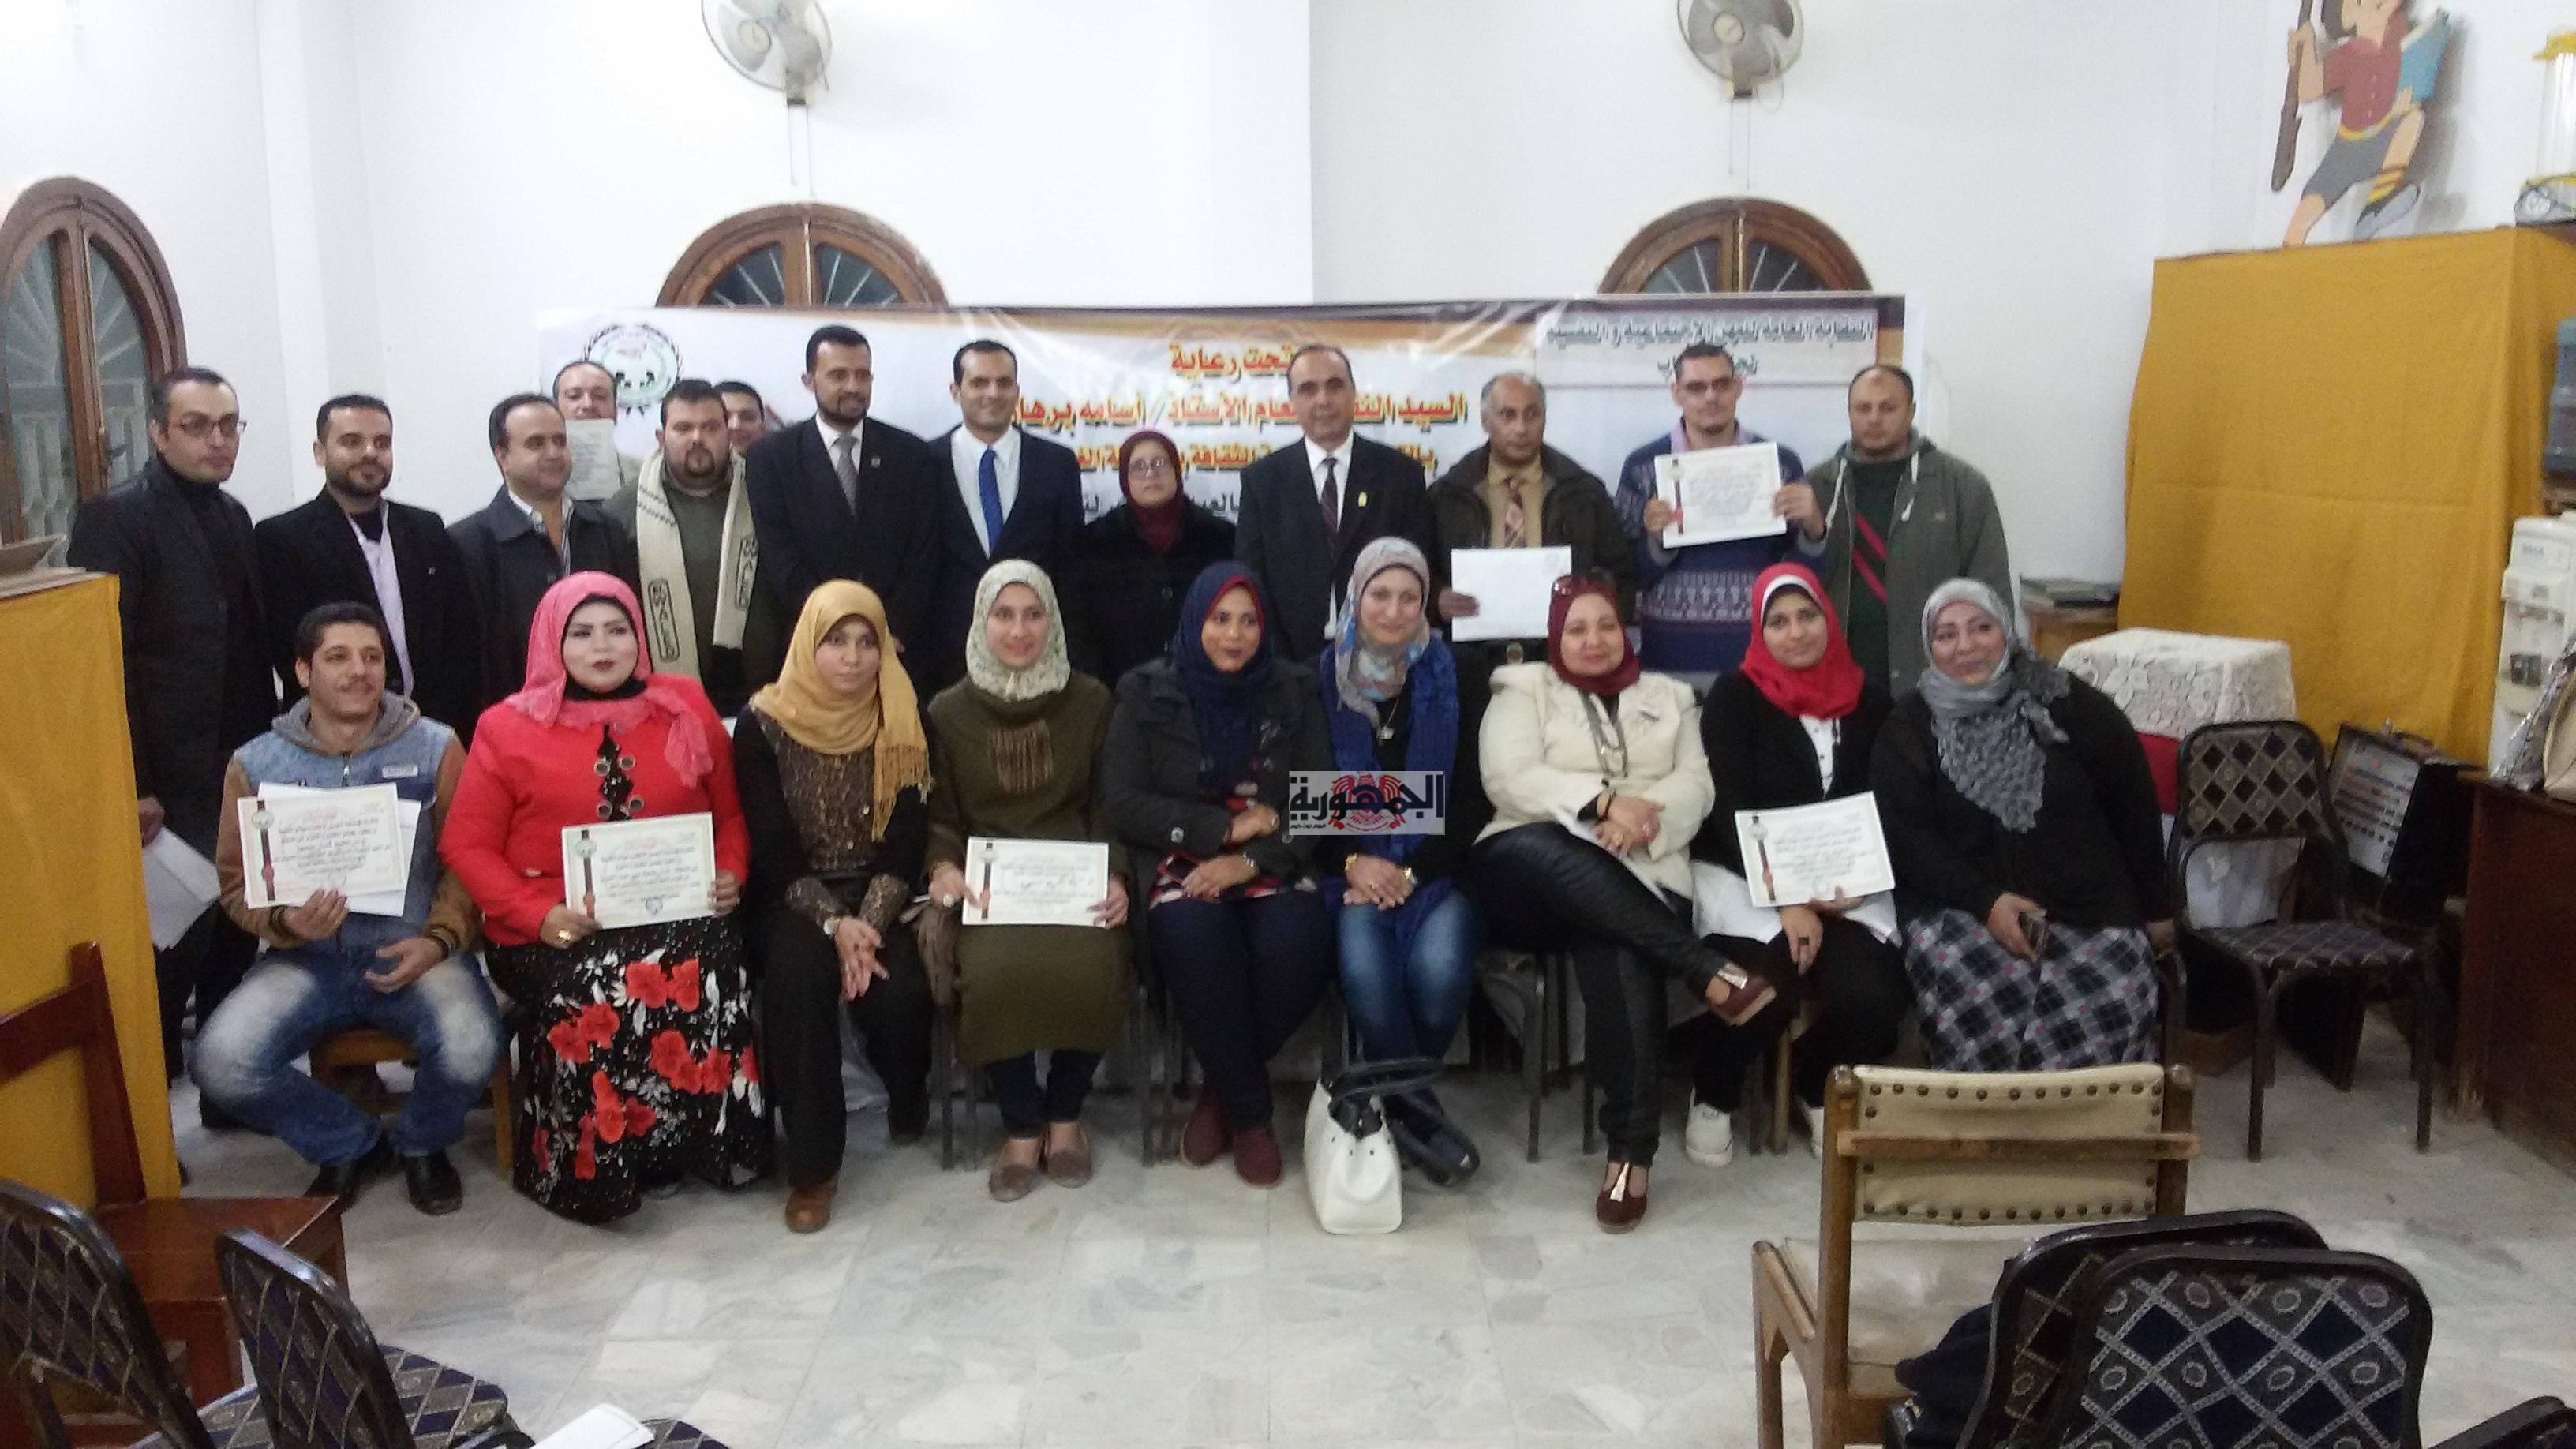 فاعليات احتفال نقابة المهن الاجتماعية بالعيد السنوى وتكريم المتميزين فى جميع القطاعات بالغربية